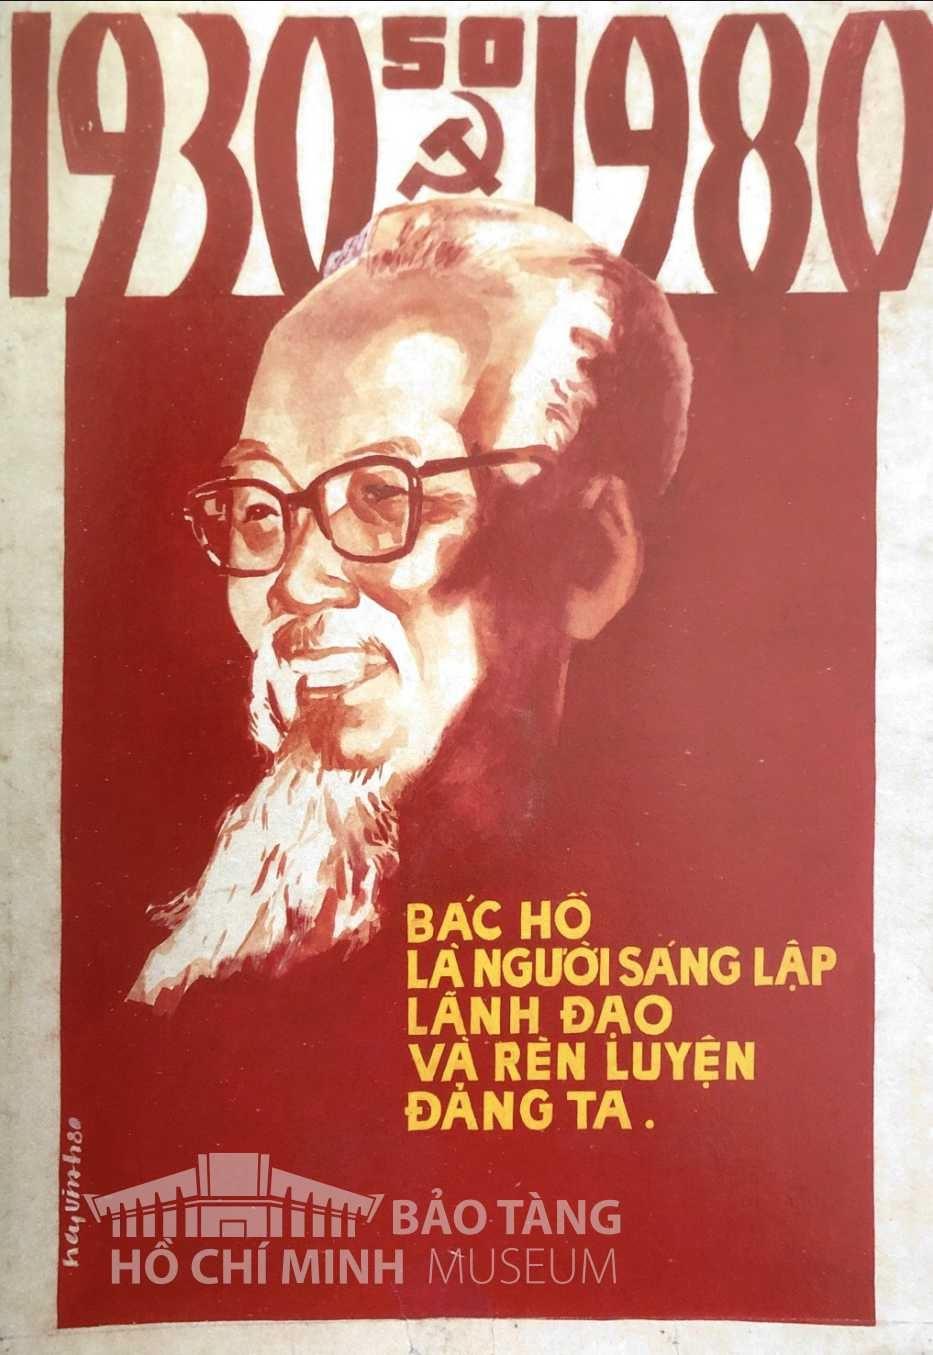 Tranh: Nguyễn Vinh Bột màu, 1980Nguồn: Bảo tàng Mỹ thuật Việt Nam